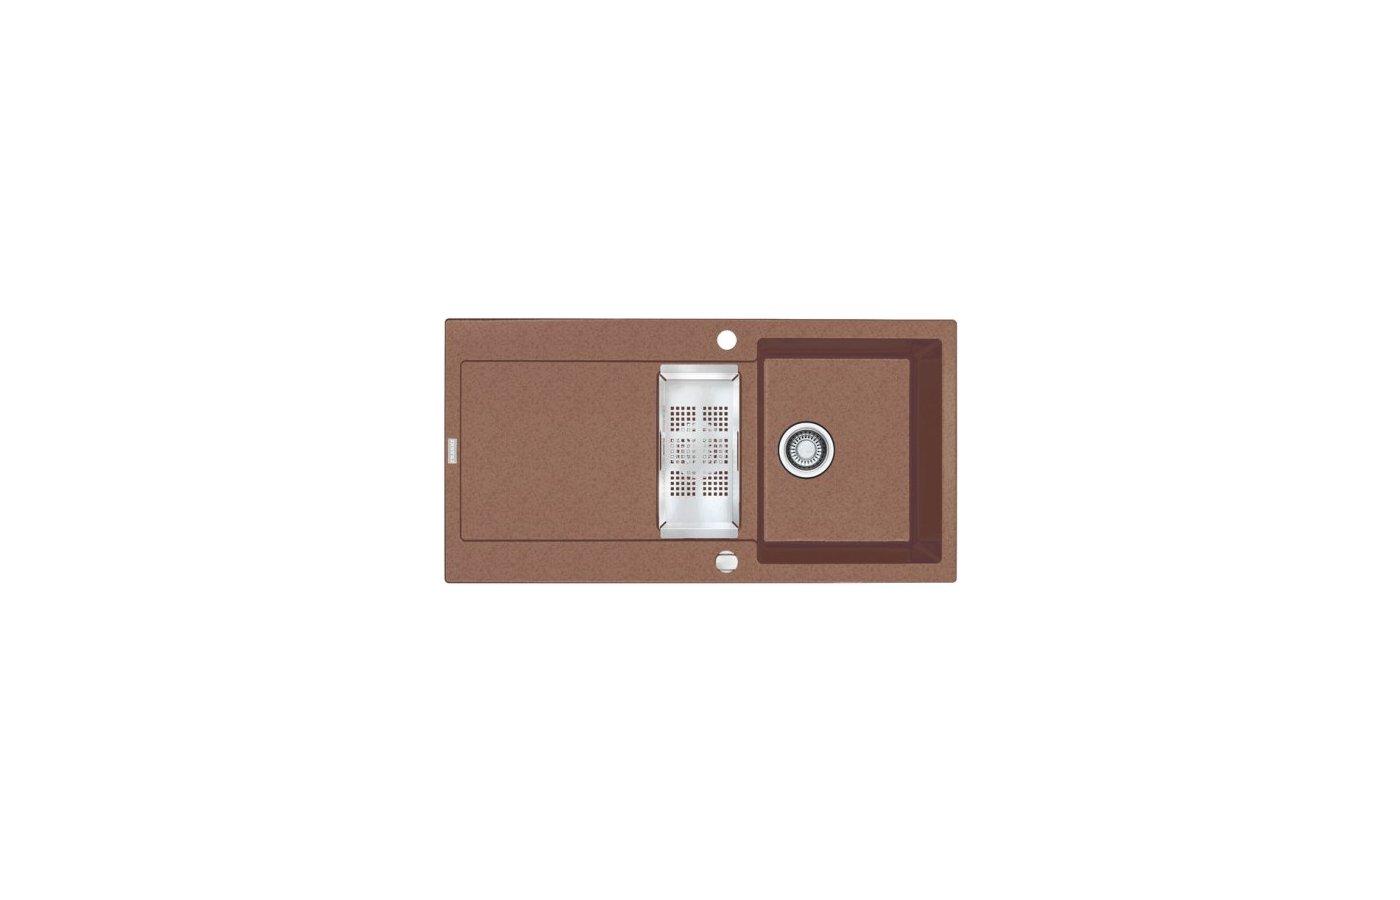 Кухонная мойка FRANKE MRG 651 шоколад